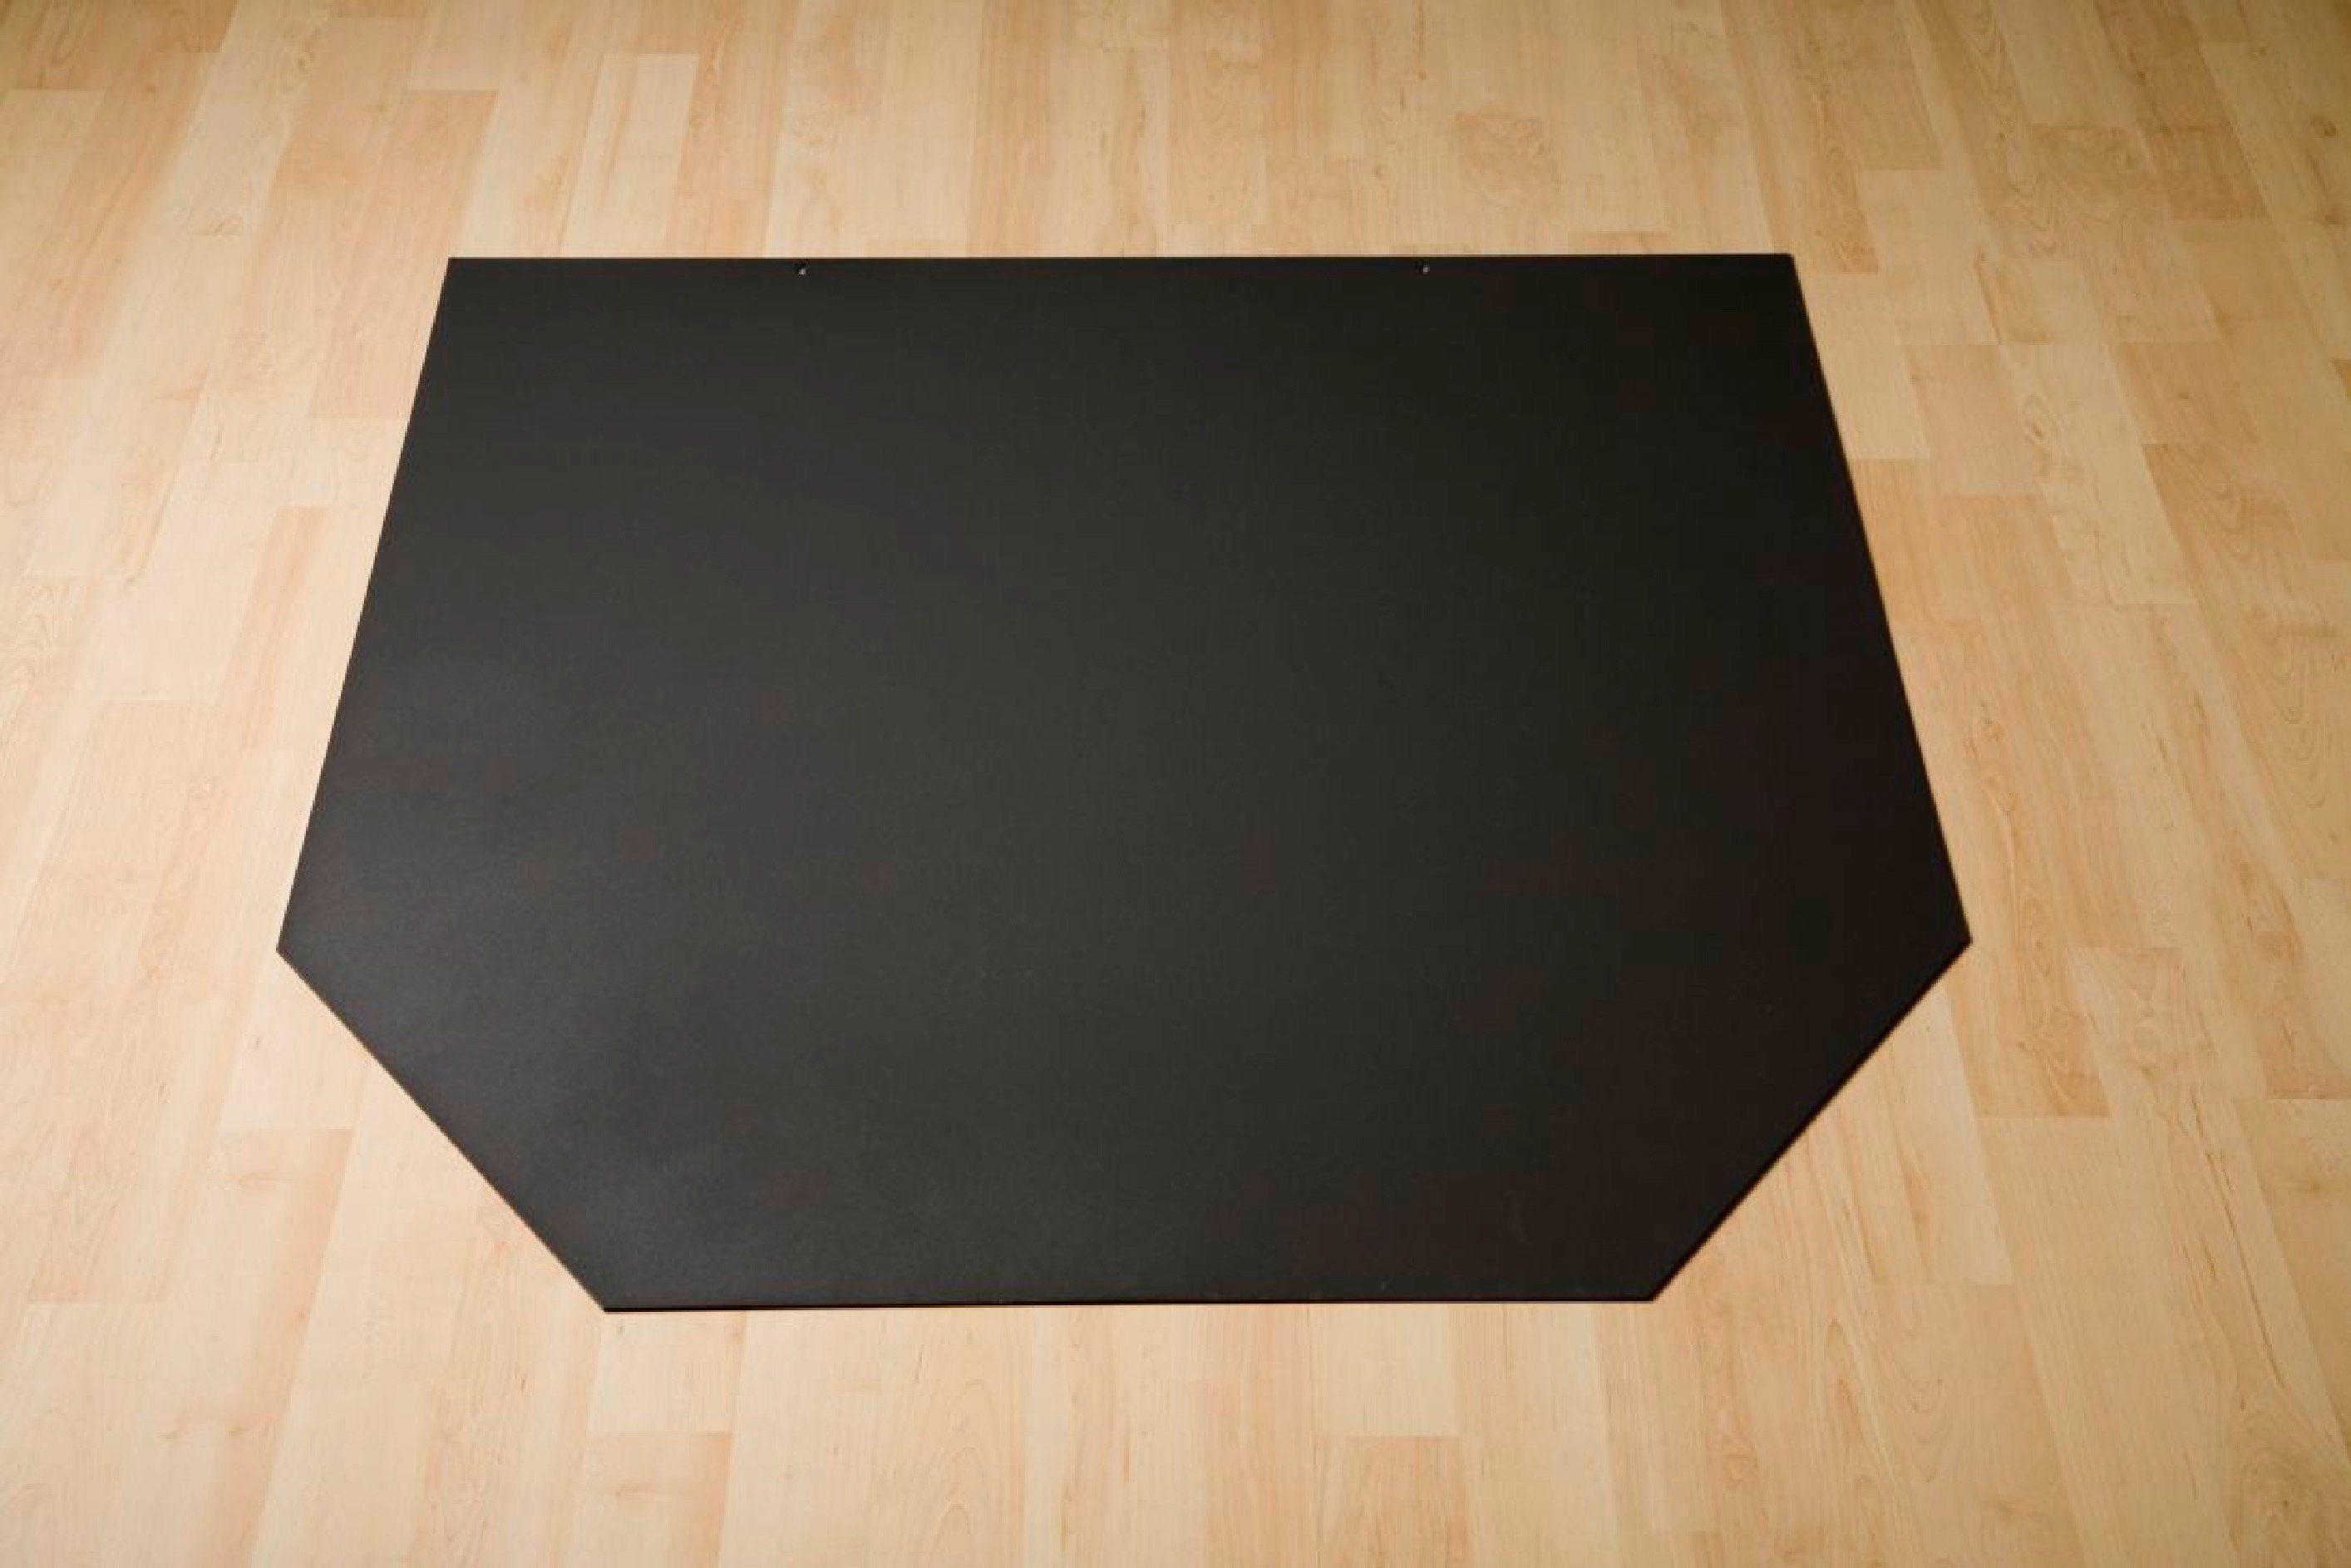 Scandia Stahlbodenplatte »Sechseck«, 100 x 86 cm, grau, zum Funkenschutz